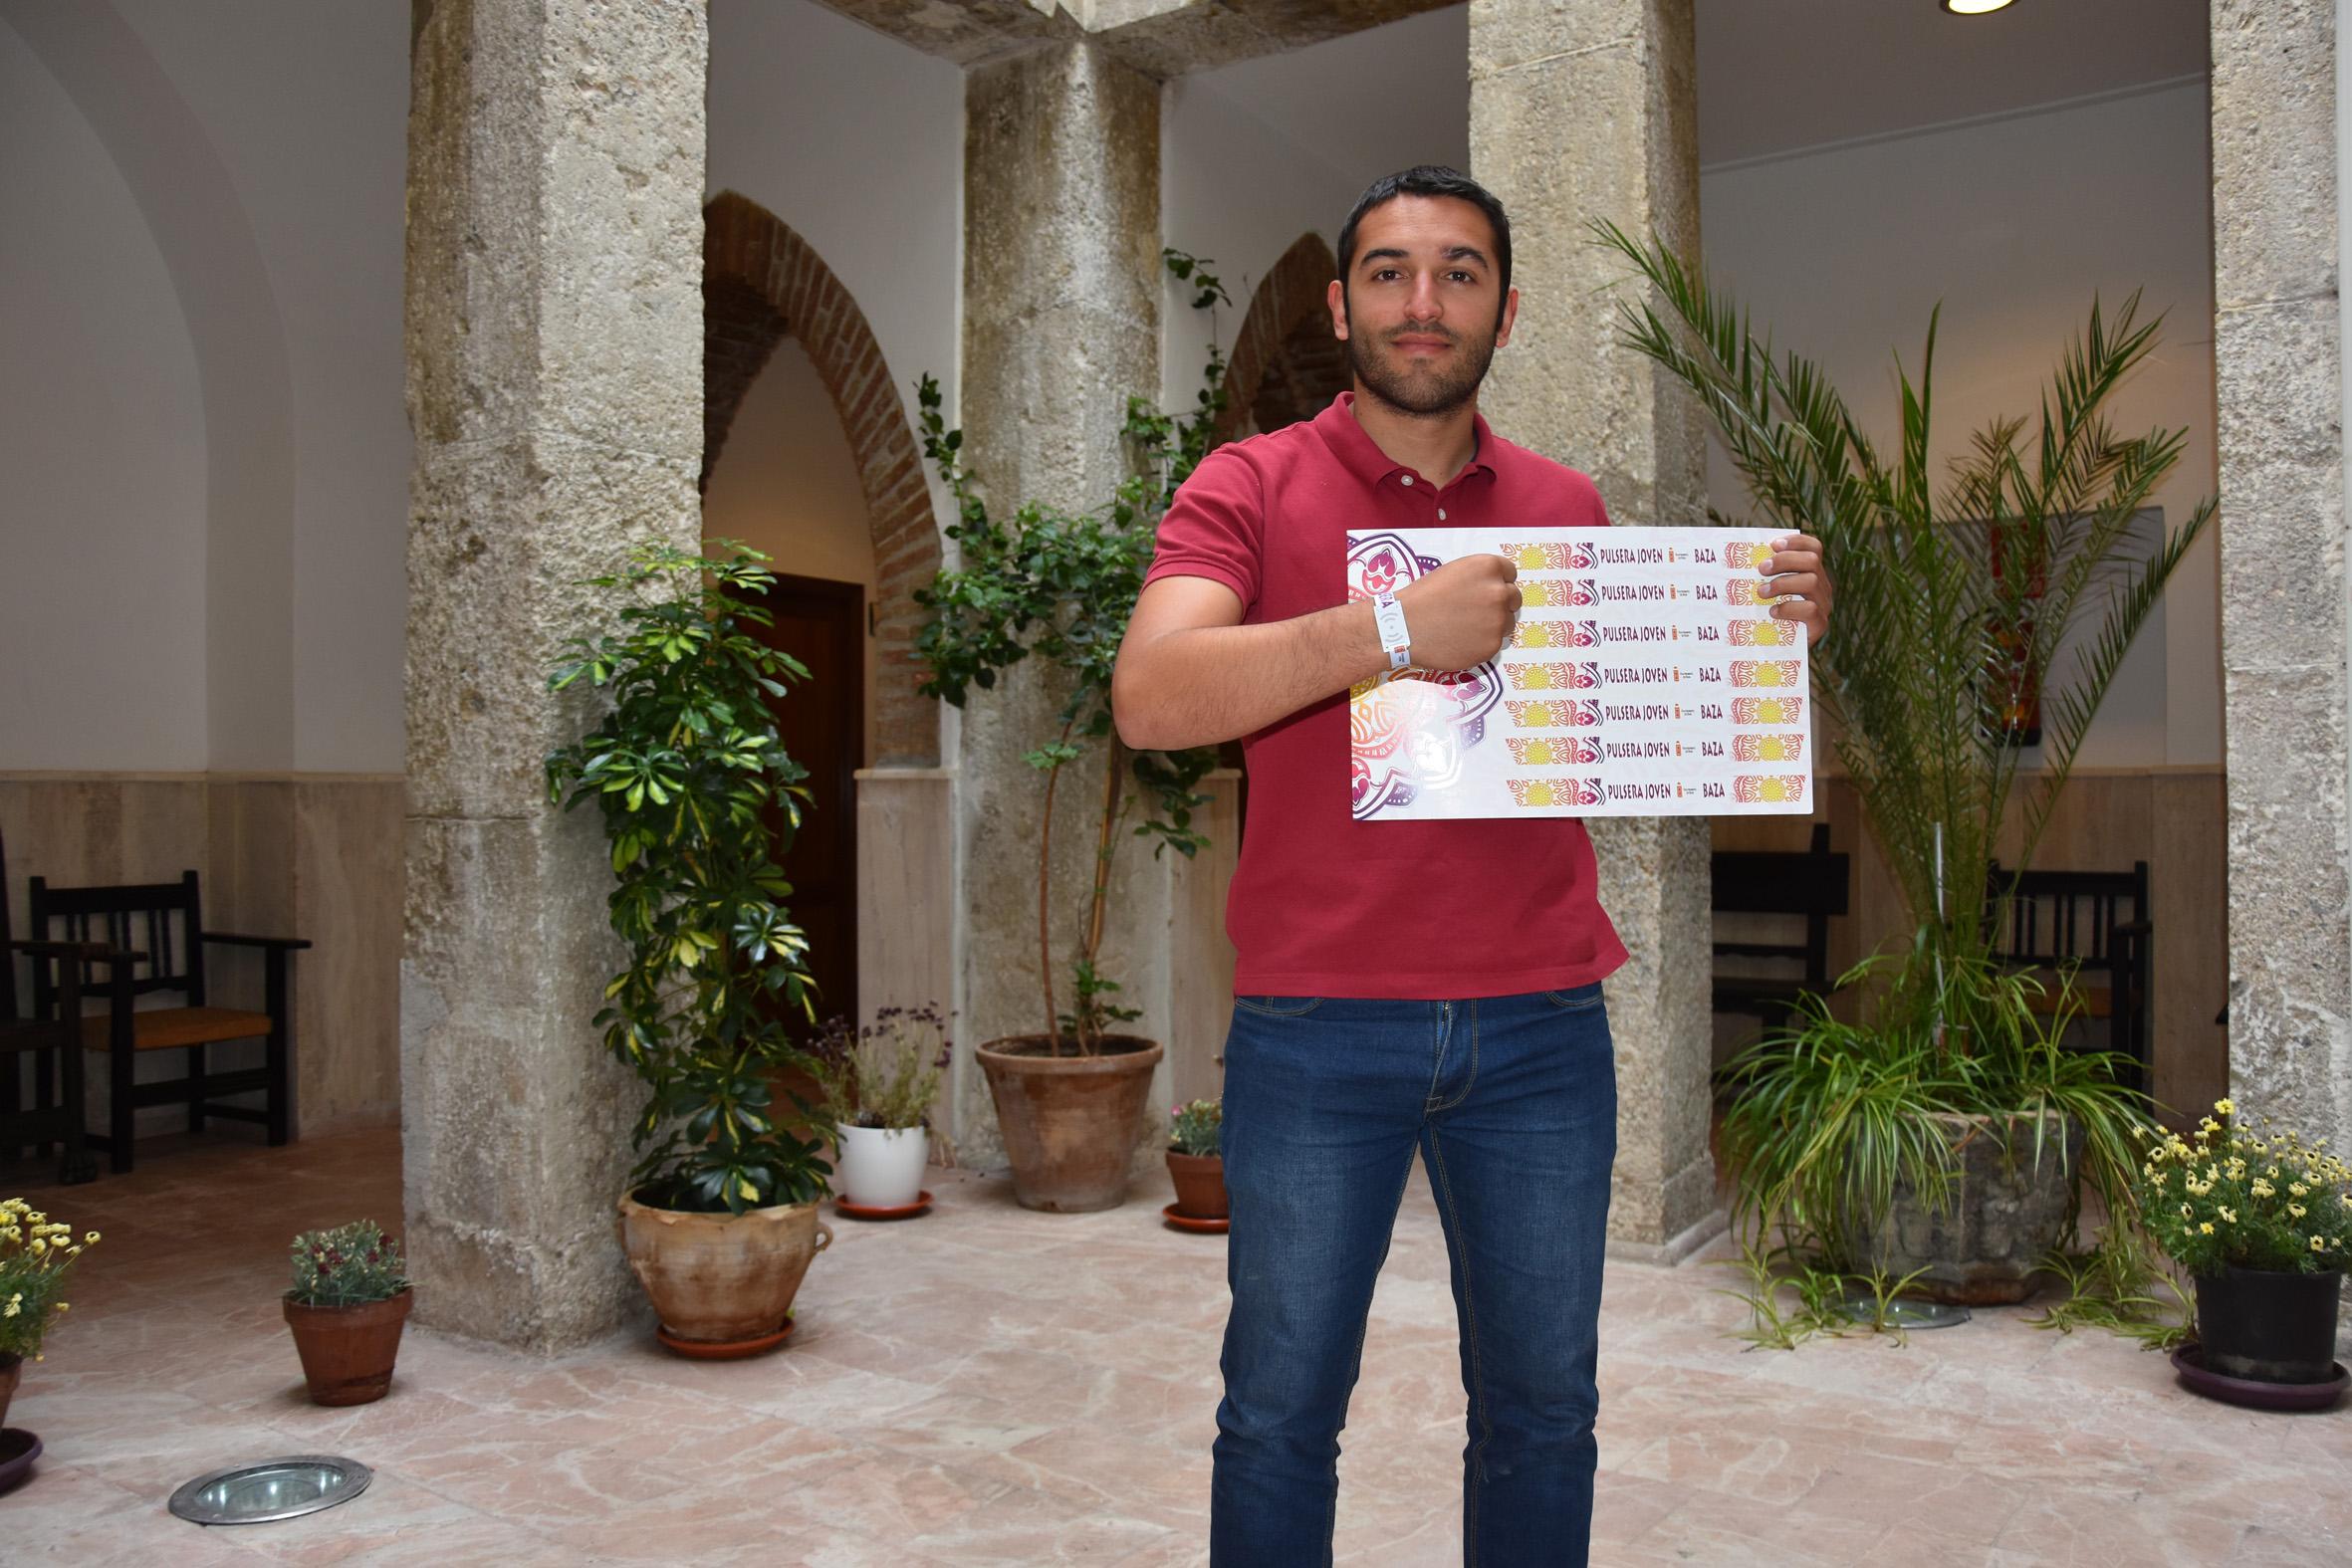 Antonio Vallejo, concejal de Juventud de Baza, muestra la Pulsera Joven